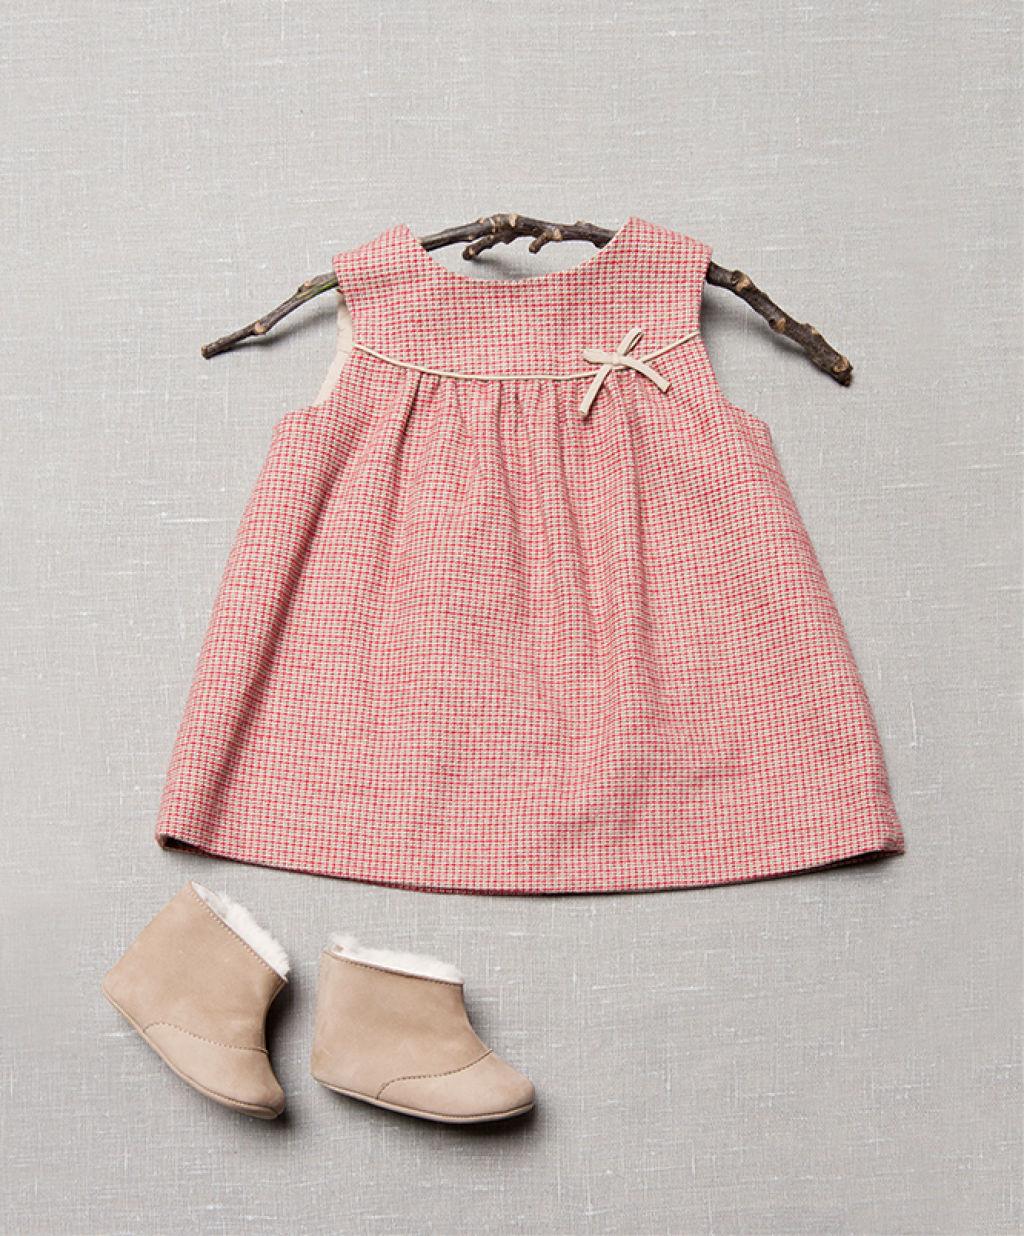 Zara mini lookbook 2